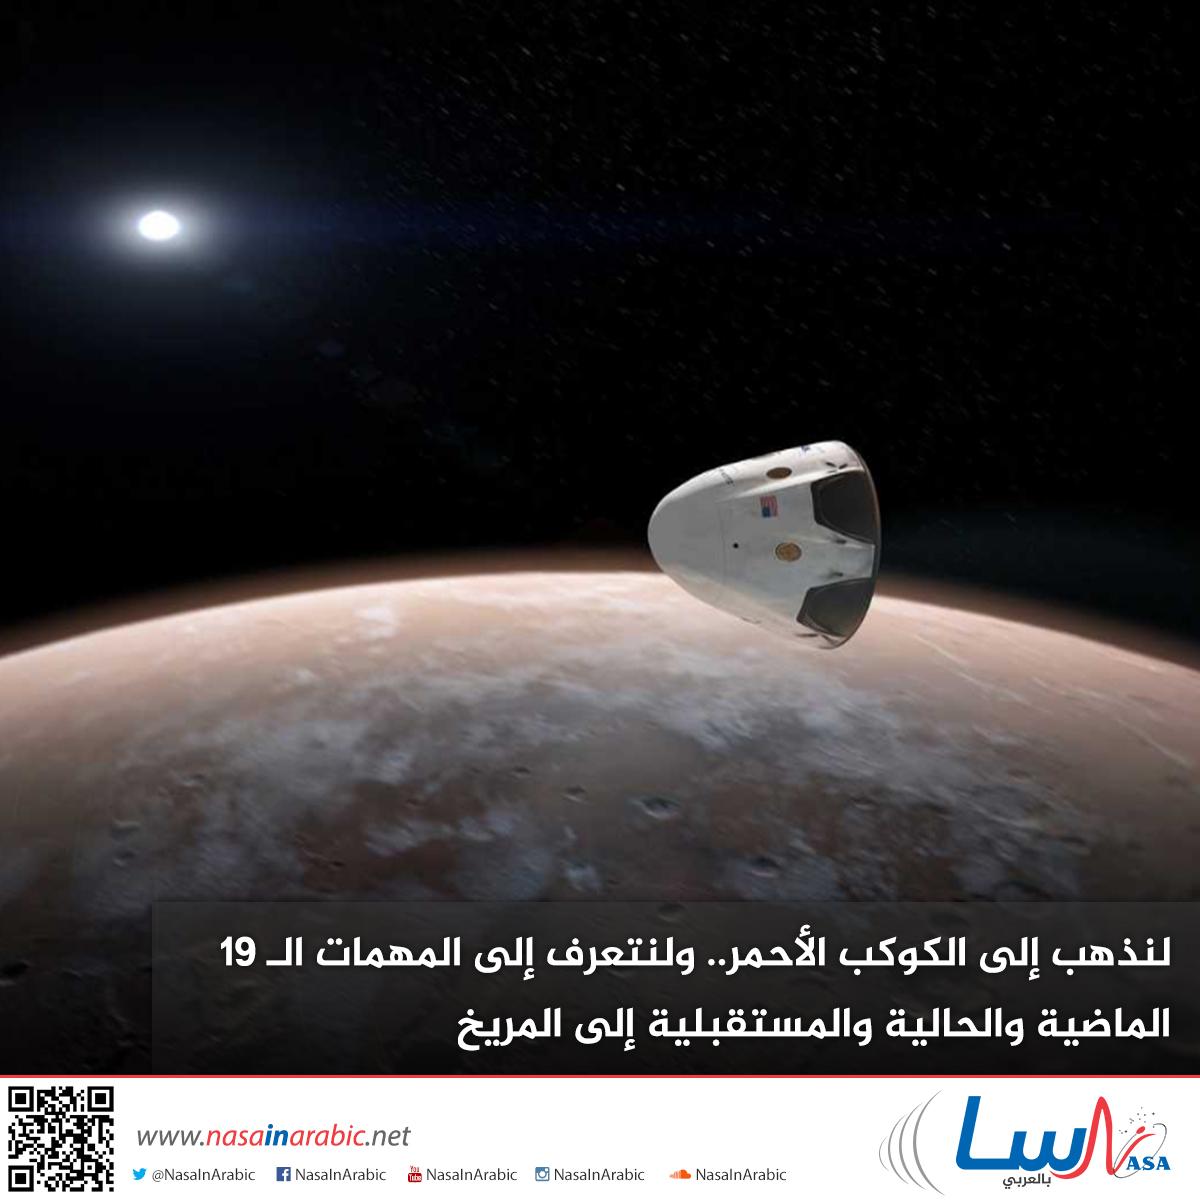 لنذهب إلى الكوكب الأحمر.. ولنتعرف إلى المهمات الـ 19 الماضية والحالية والمستقبلية إلى المريخ